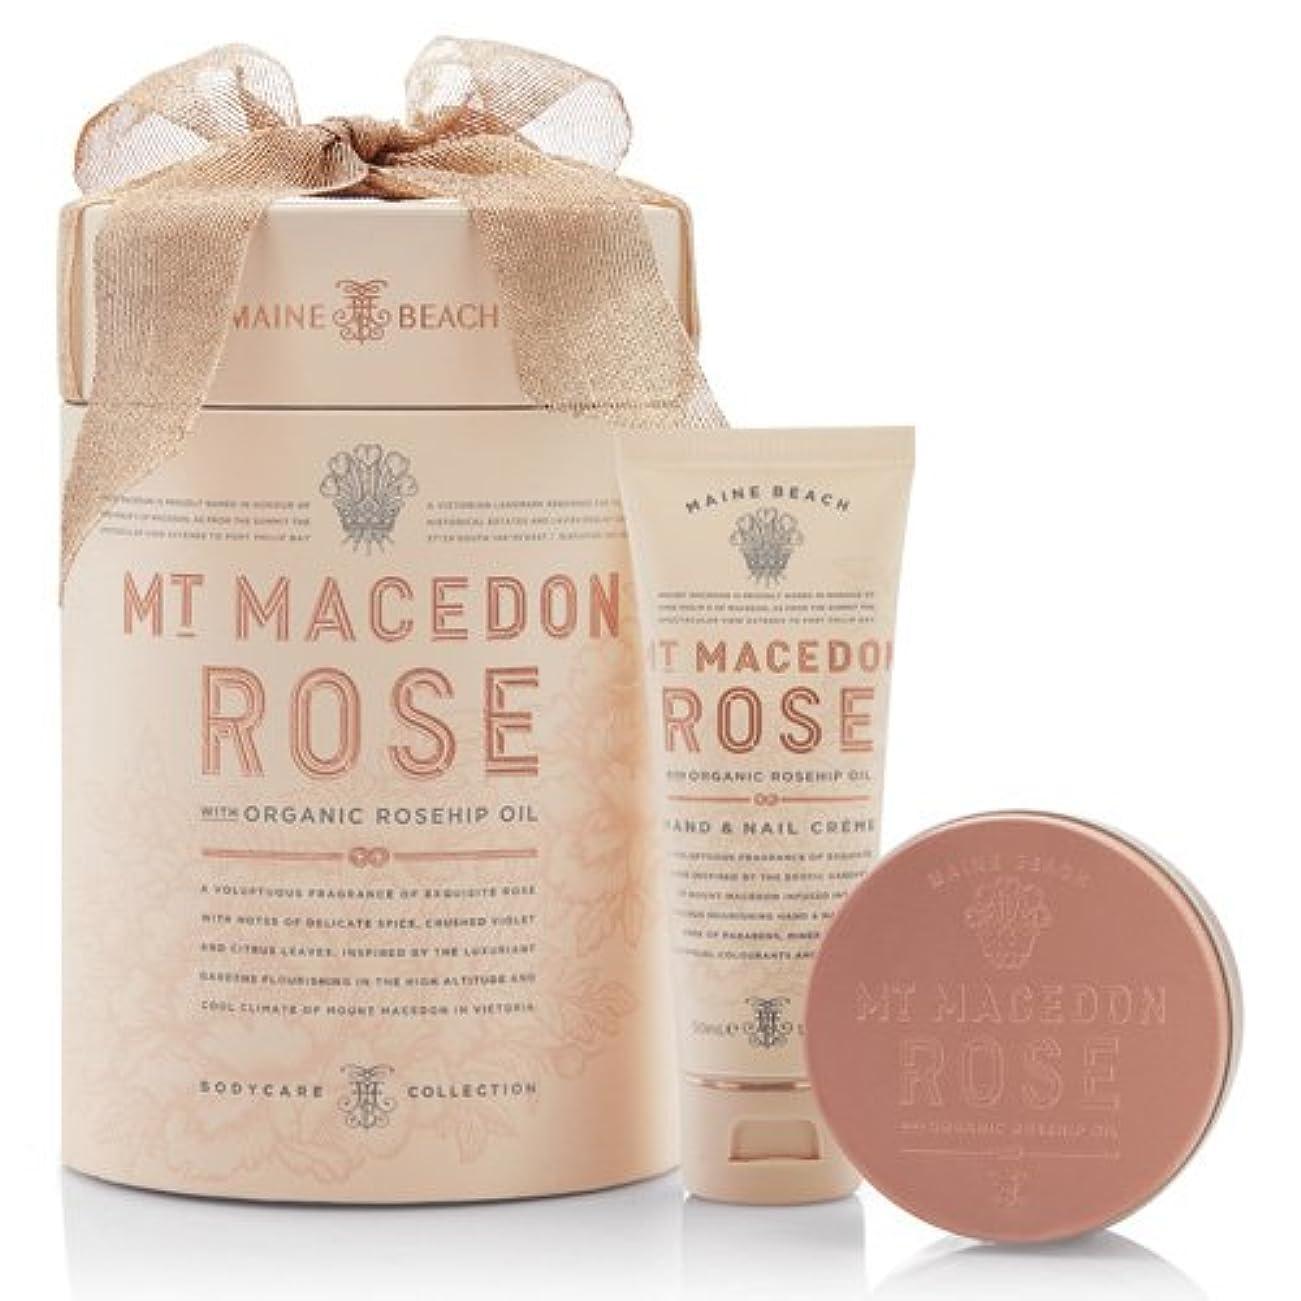 バスレベル永続MAINE BEACH マインビーチ MT MACEDON ROSE マウント マセドン ローズ Duo Gift Pack